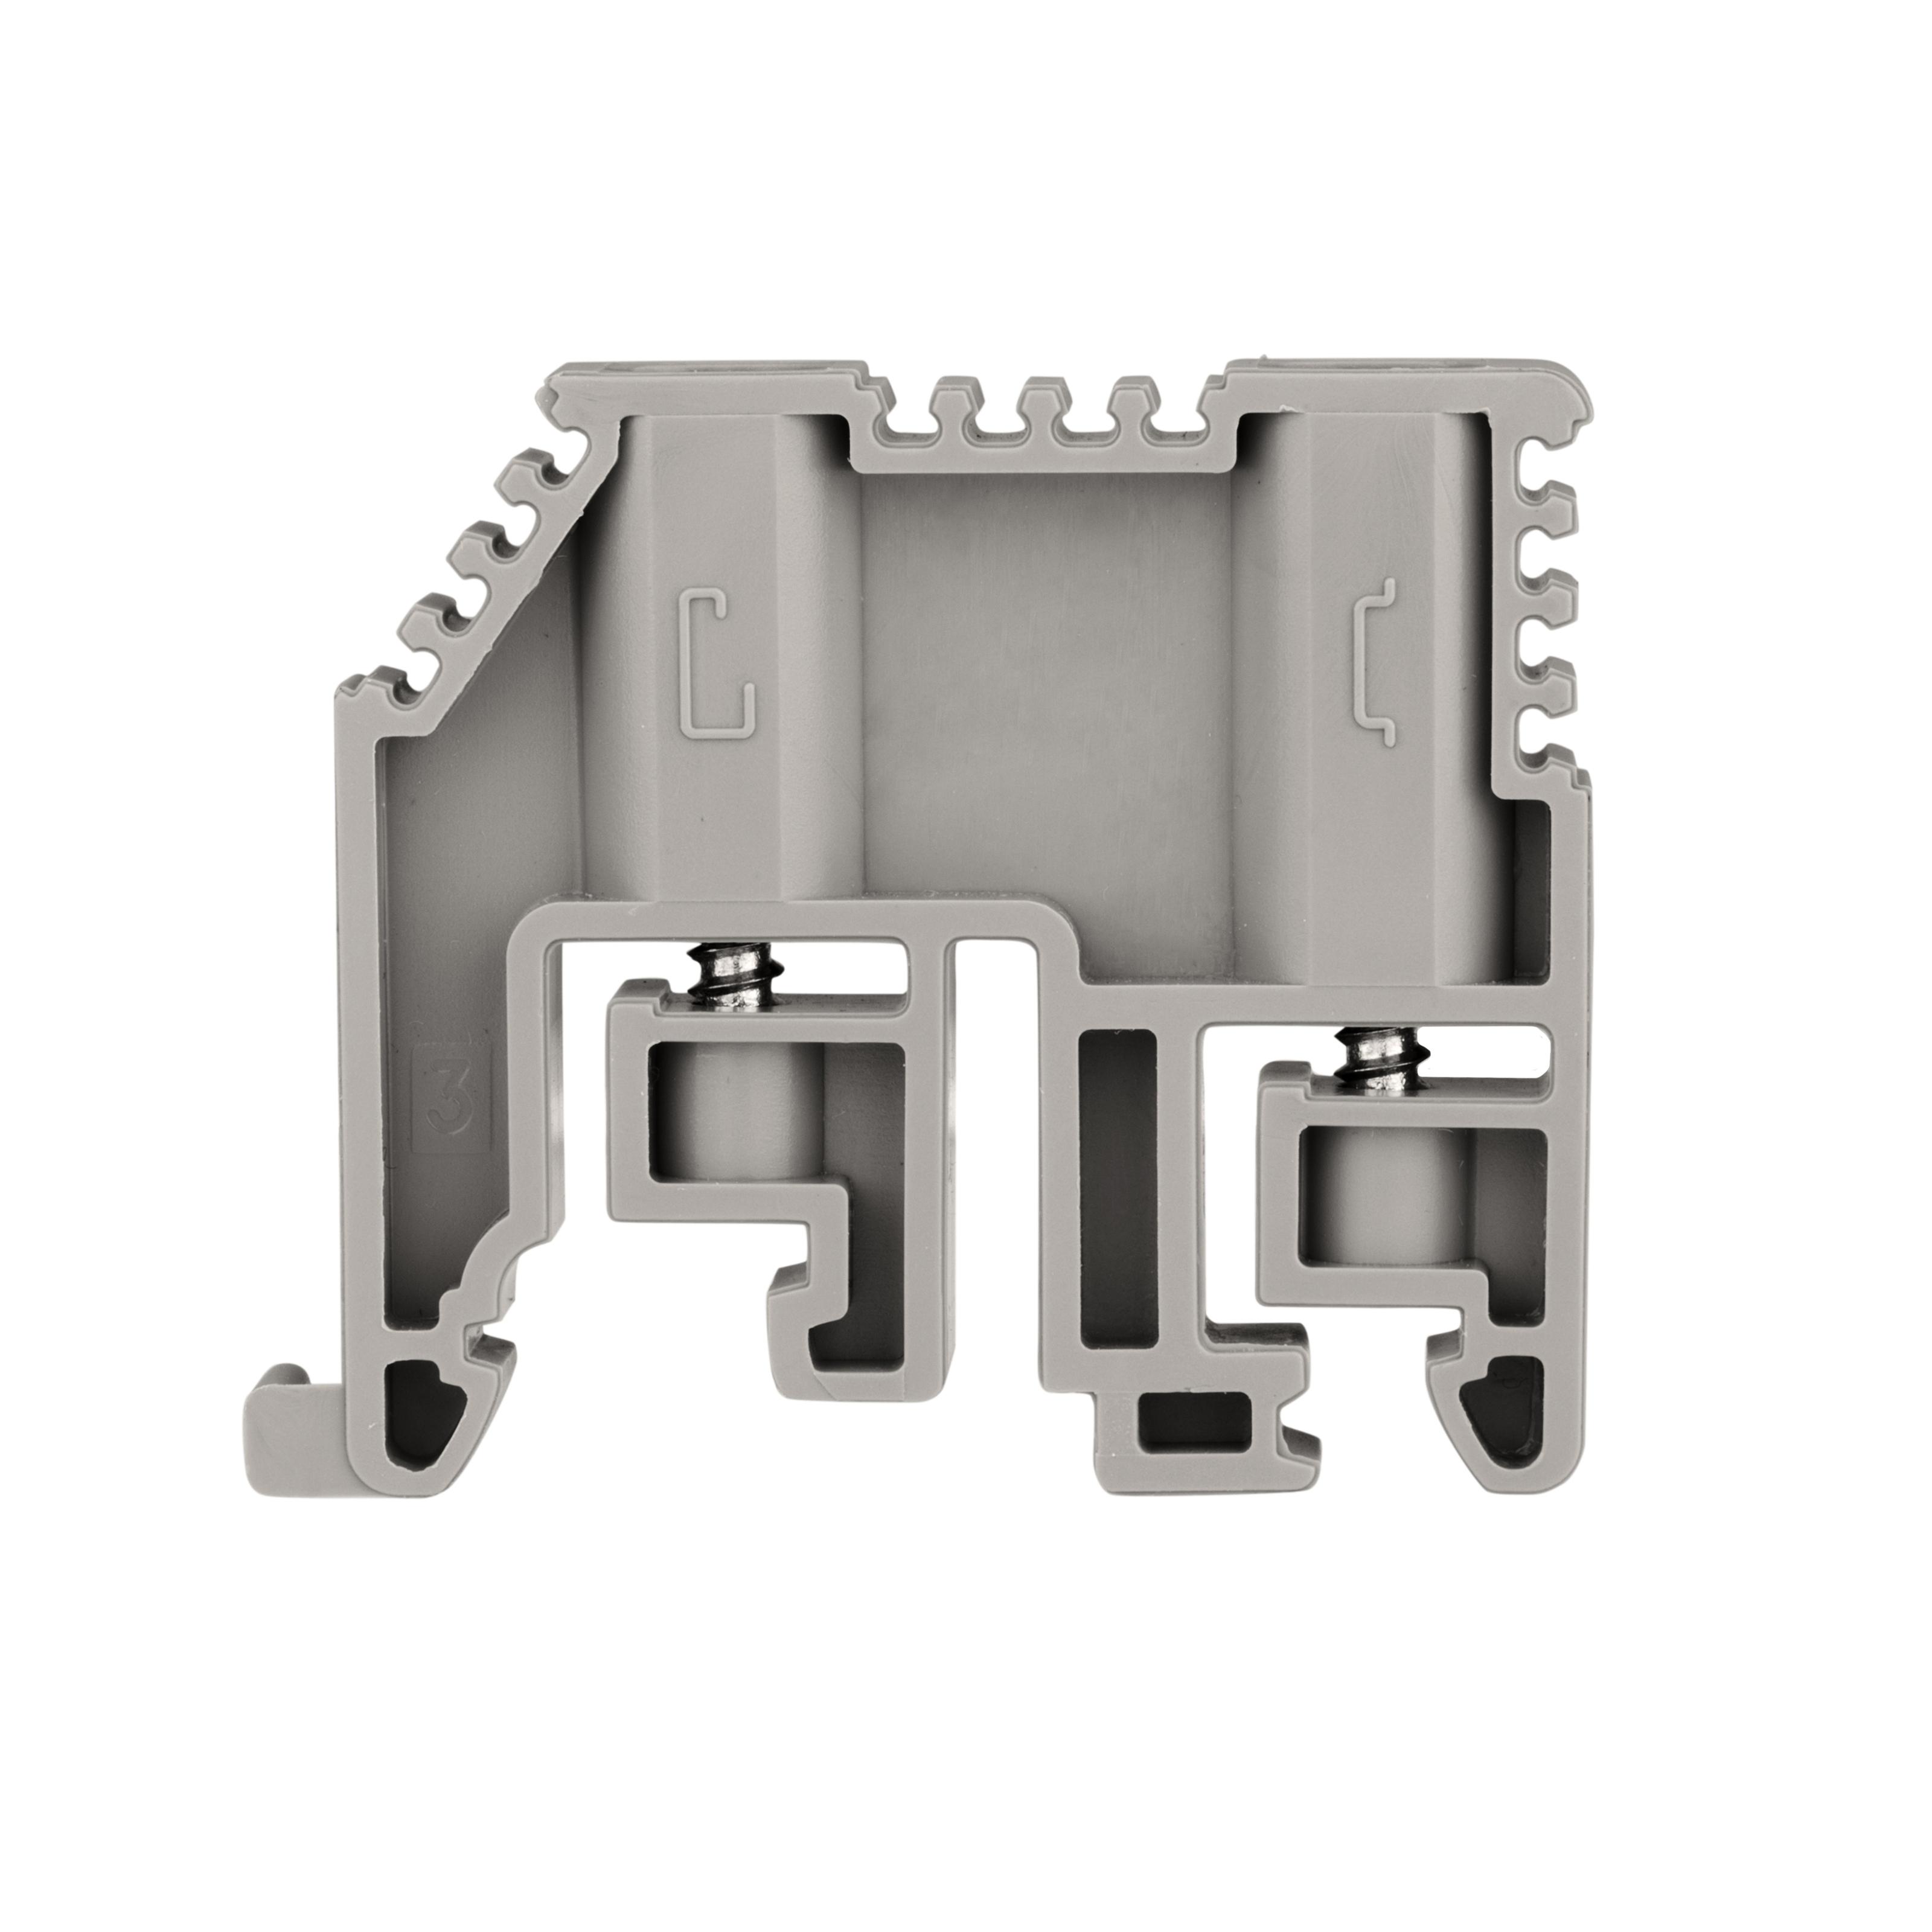 1 Stk Endhalter für IK6-Klemmen, Type WGD1, schnapp- u. schraubbar IK623000--